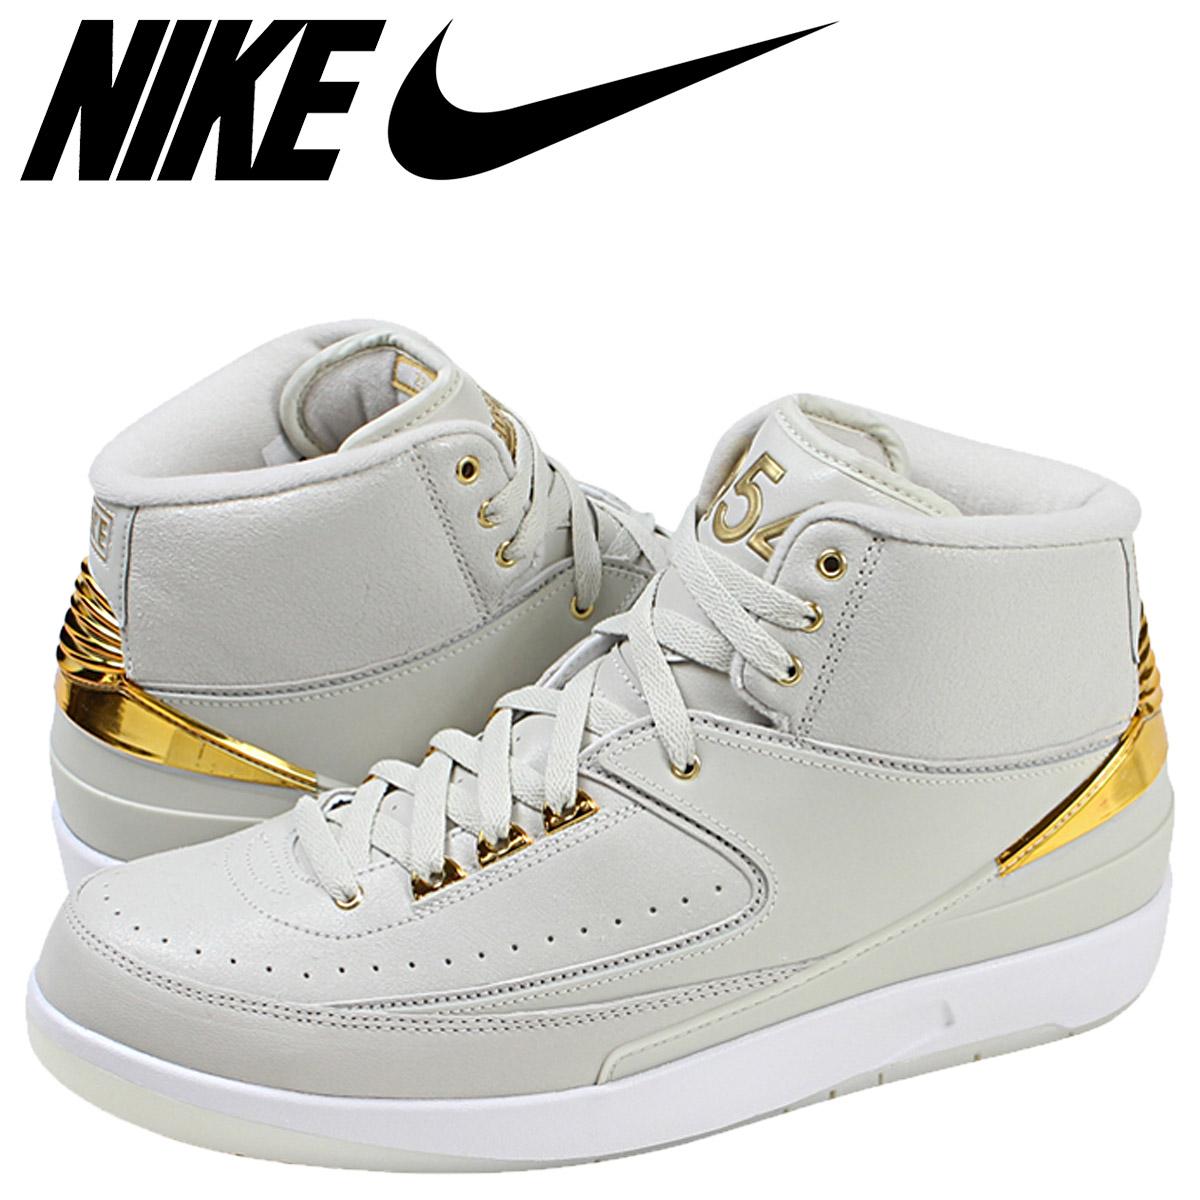 NIKE Nike Air Jordan sneakers AIR JORDAN 2 RETRO QUAI 54 Air Jordan  nostalgic 866 09f6e0585